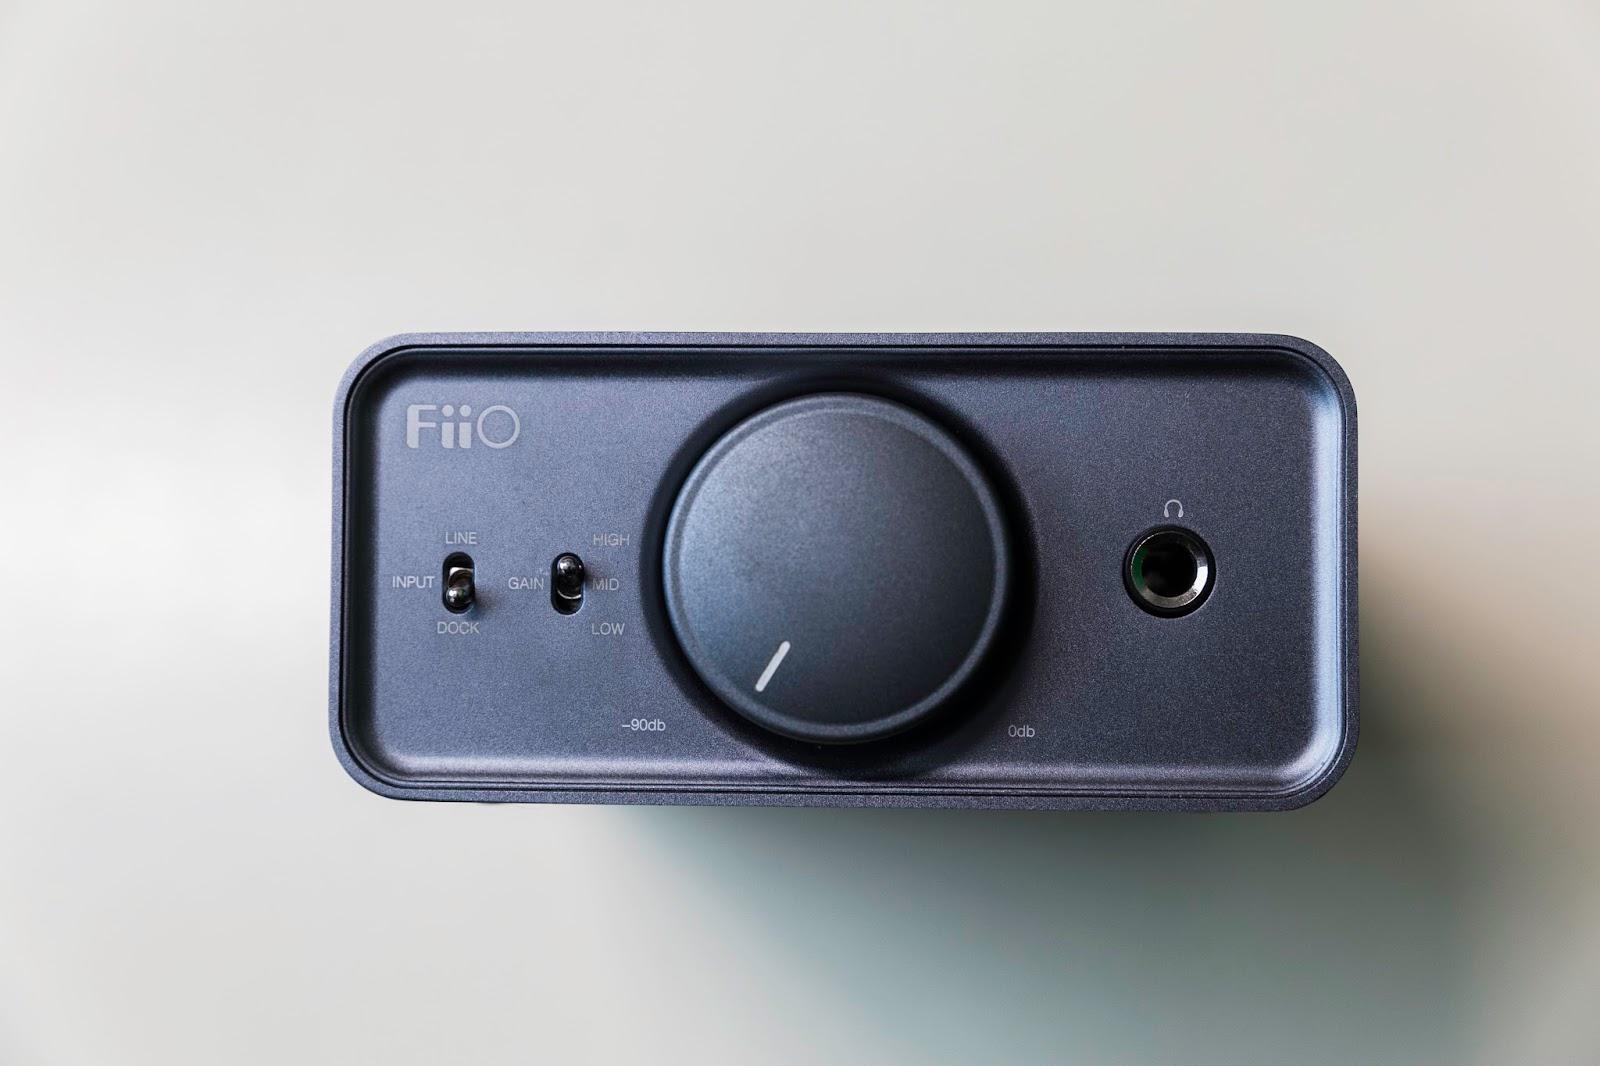 075b8e473 Amplificador Potente y Asequible: Analisis FiiO K5